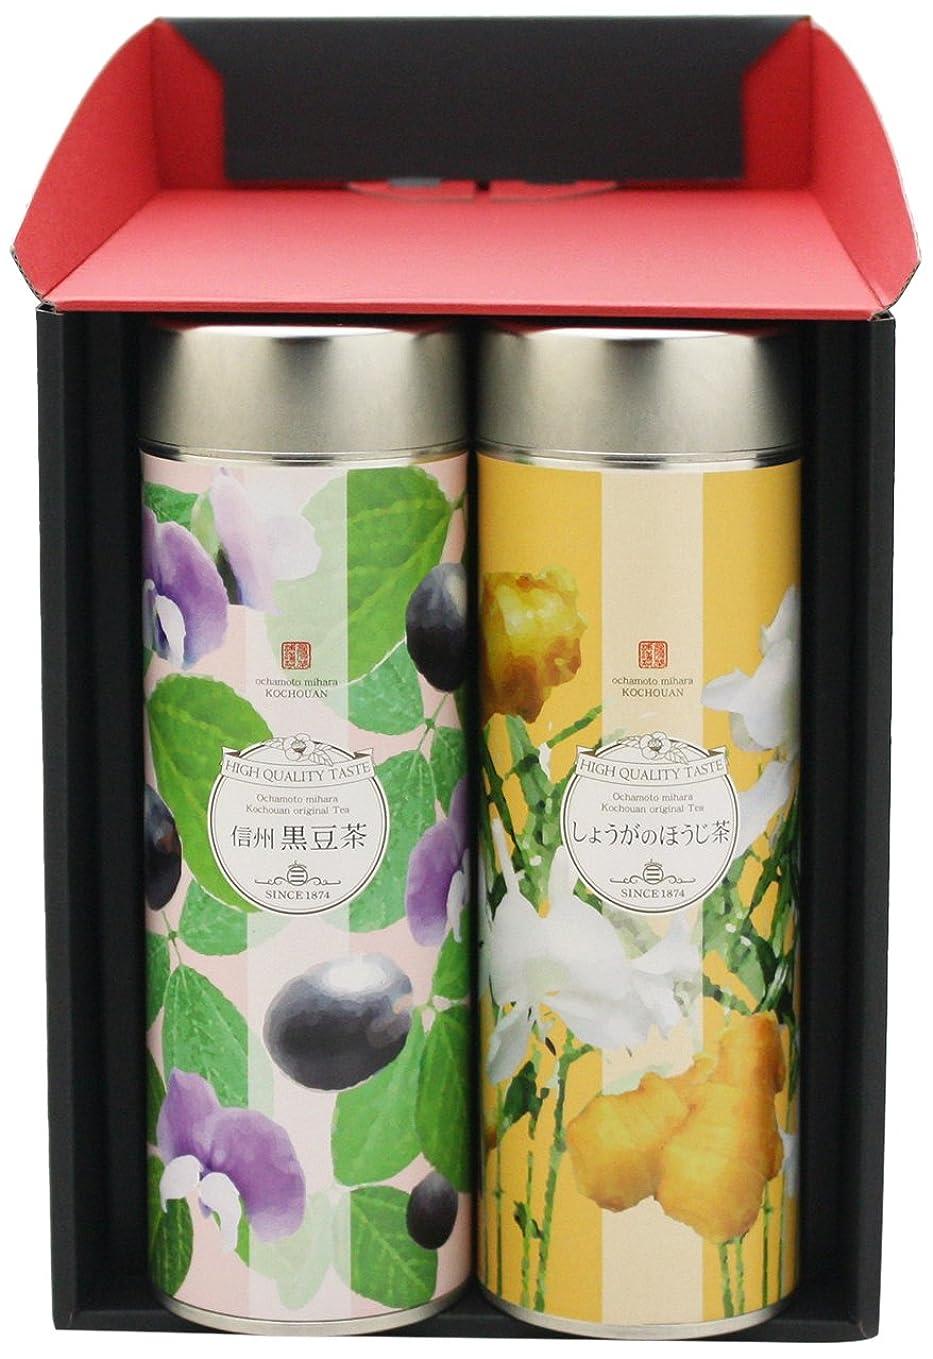 繁栄反発落ち着いたお茶ギフト「ファッションティー」(しょうがのほうじ茶?信州黒豆茶)×2本